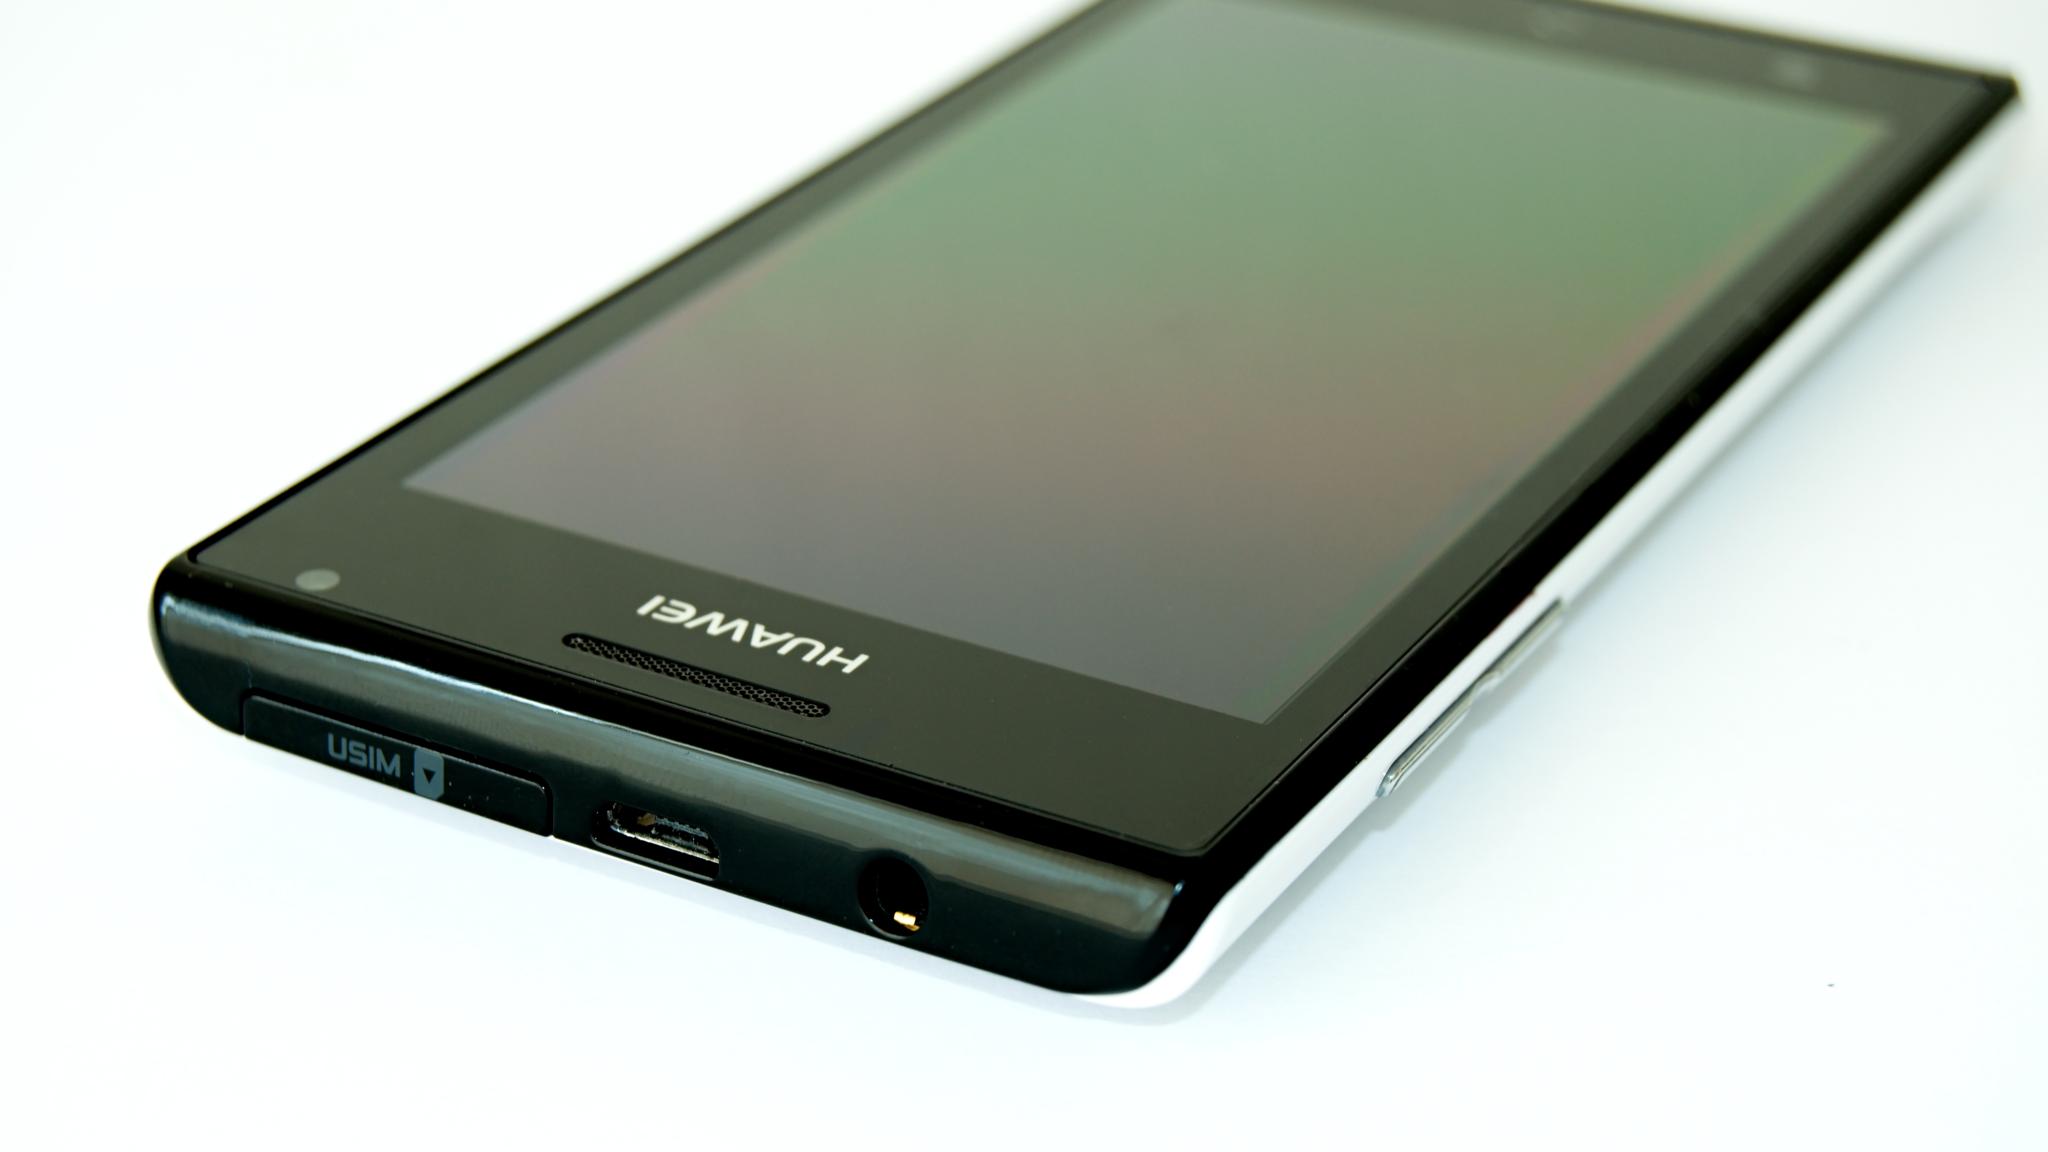 Huawei Ascend P1 dělá svému původu dobré jméno [recenze]